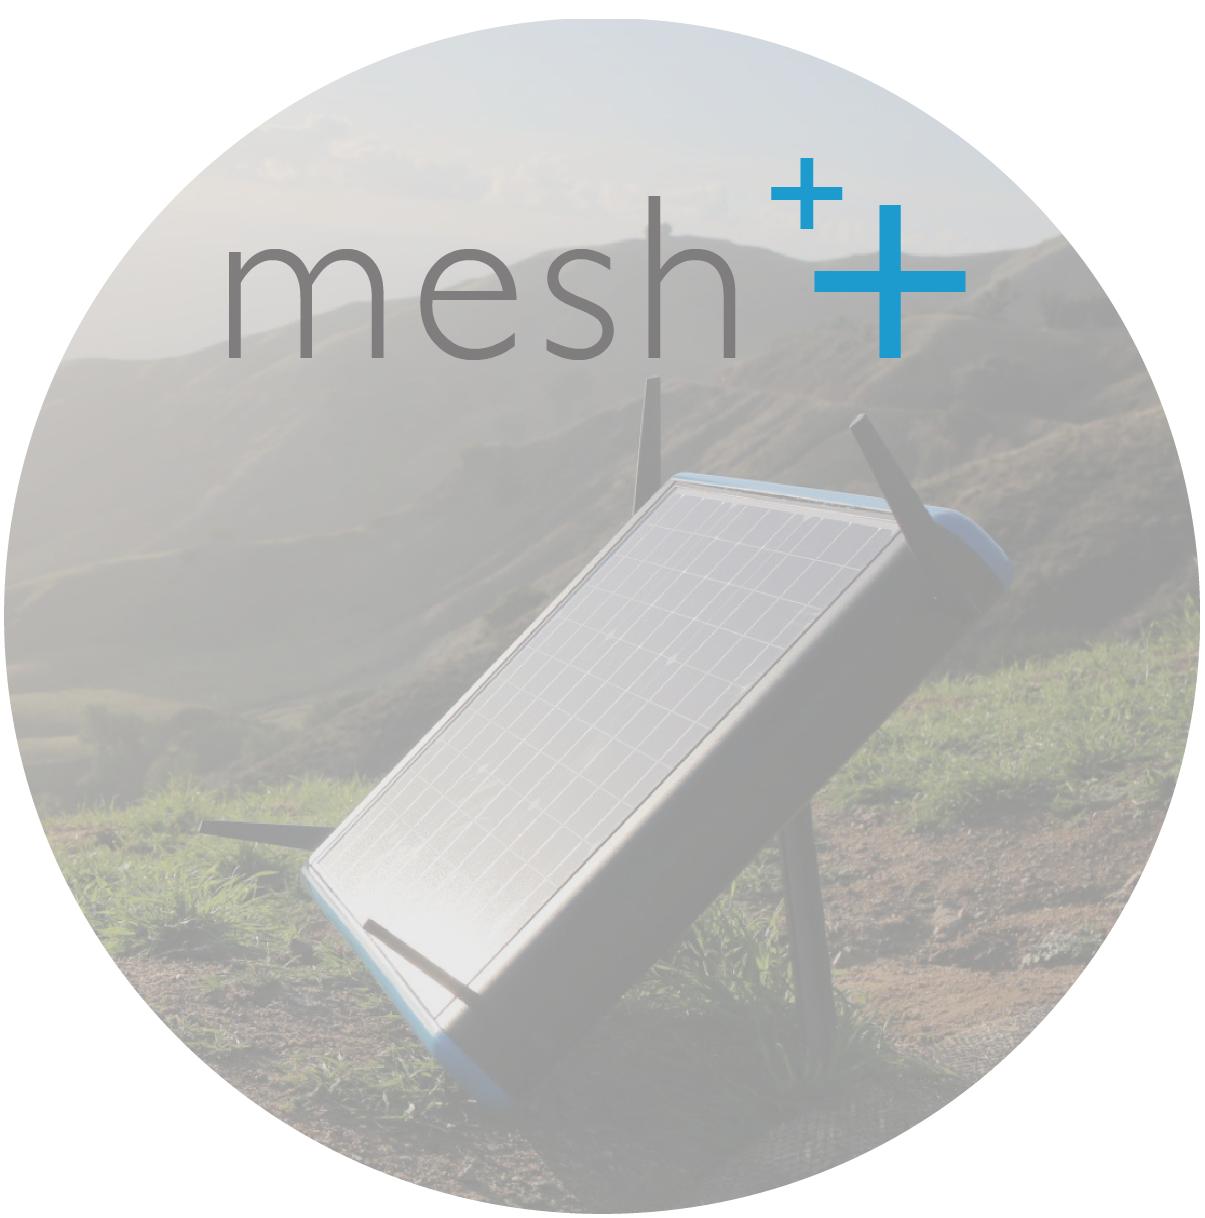 Mesh++.png